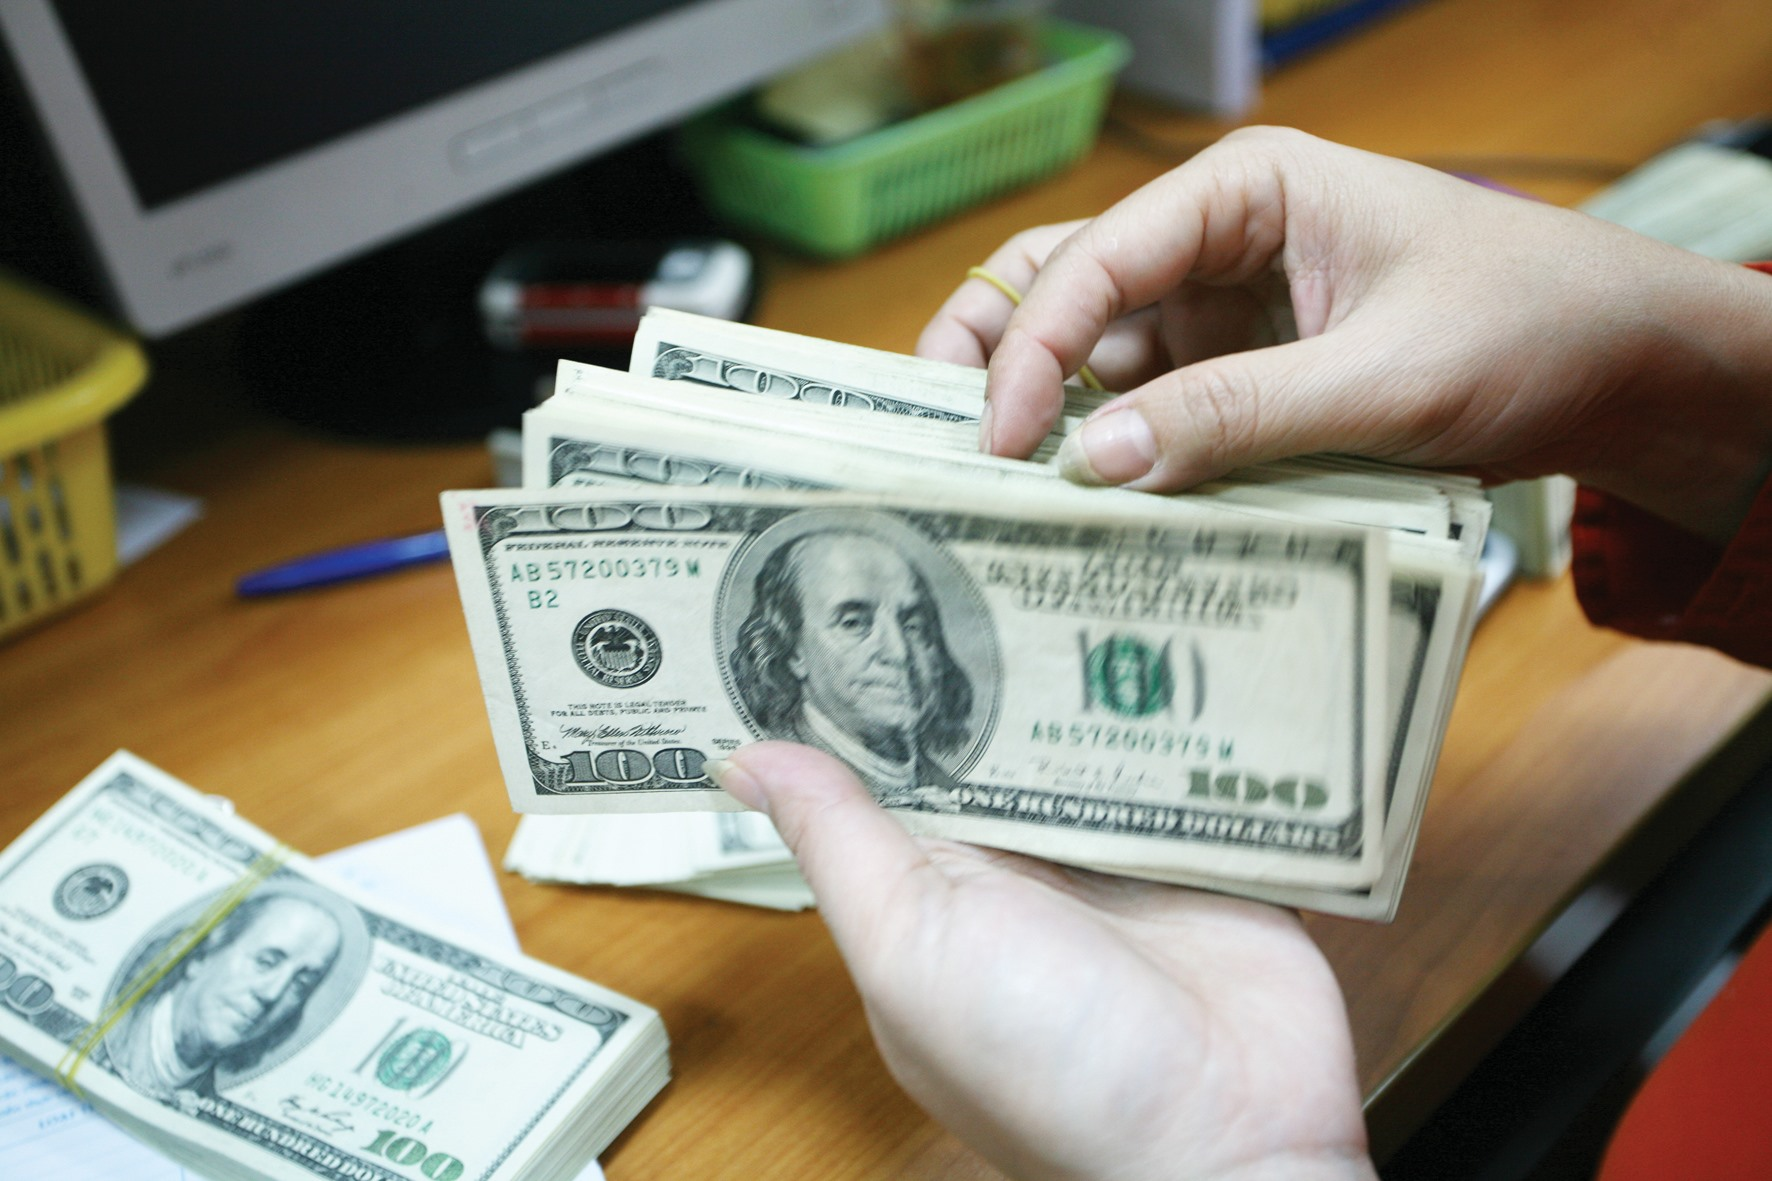 Tỷ giá ngoại tệ 23.3: Giá USD tăng vọt đỉnh, tranh nhau mua vào - giá vàng hôm nay